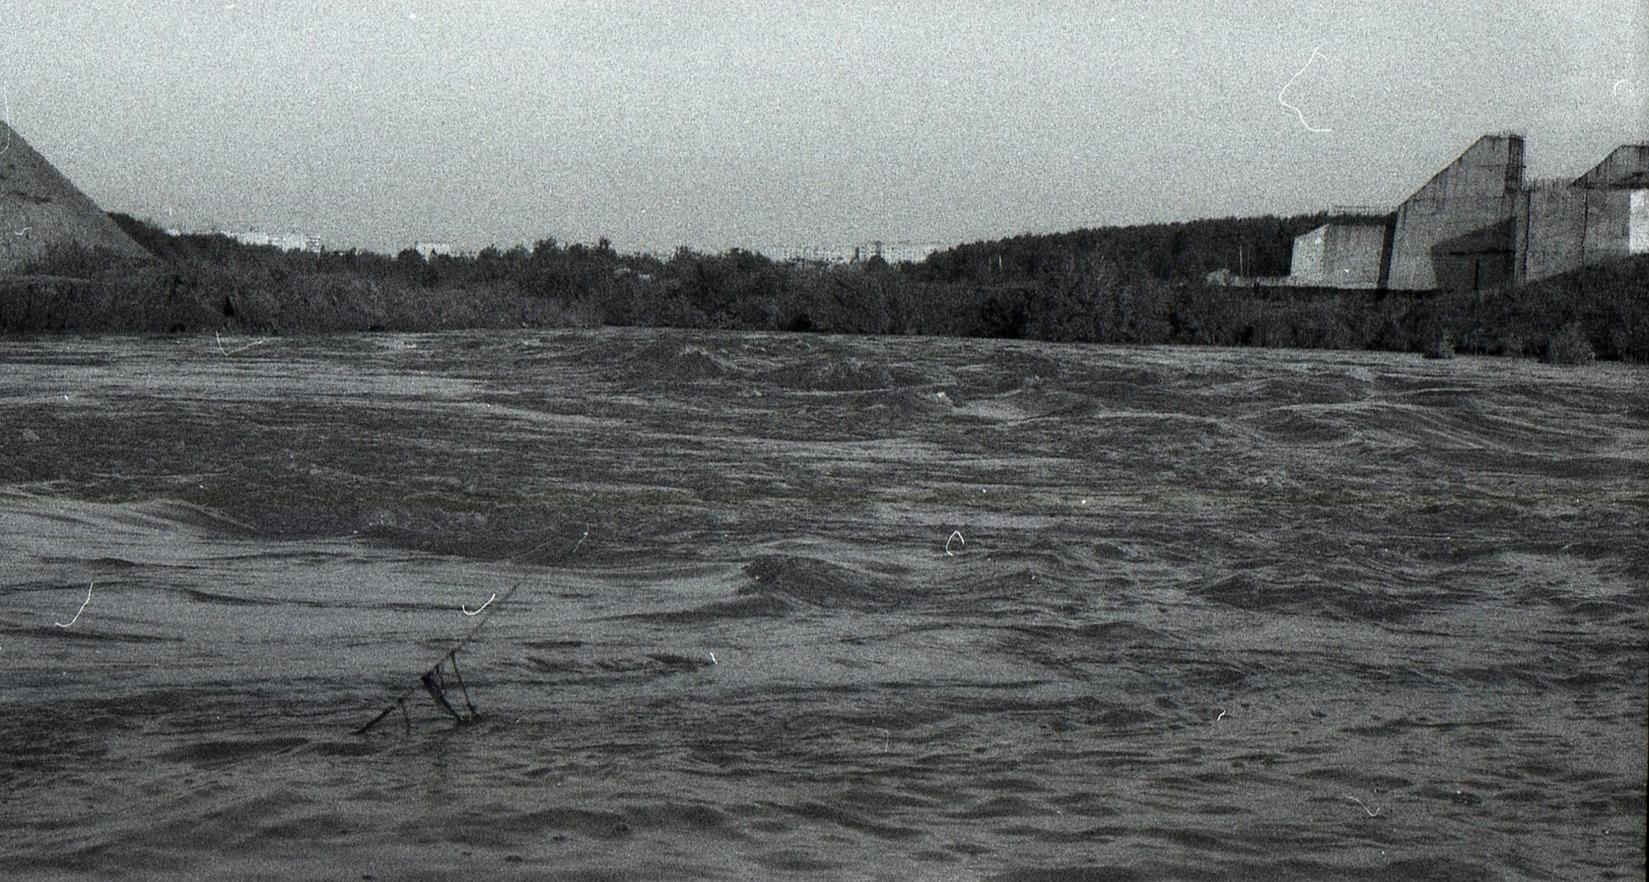 Это не пробный пуск. Летом 1997 прошли сильные дожди, уровень воды поднялся на 2-2,5 метра от обычного, даже затопило подвесной мост в Лемешово. Подобный подъем уровня воды был и летом 2020-го.